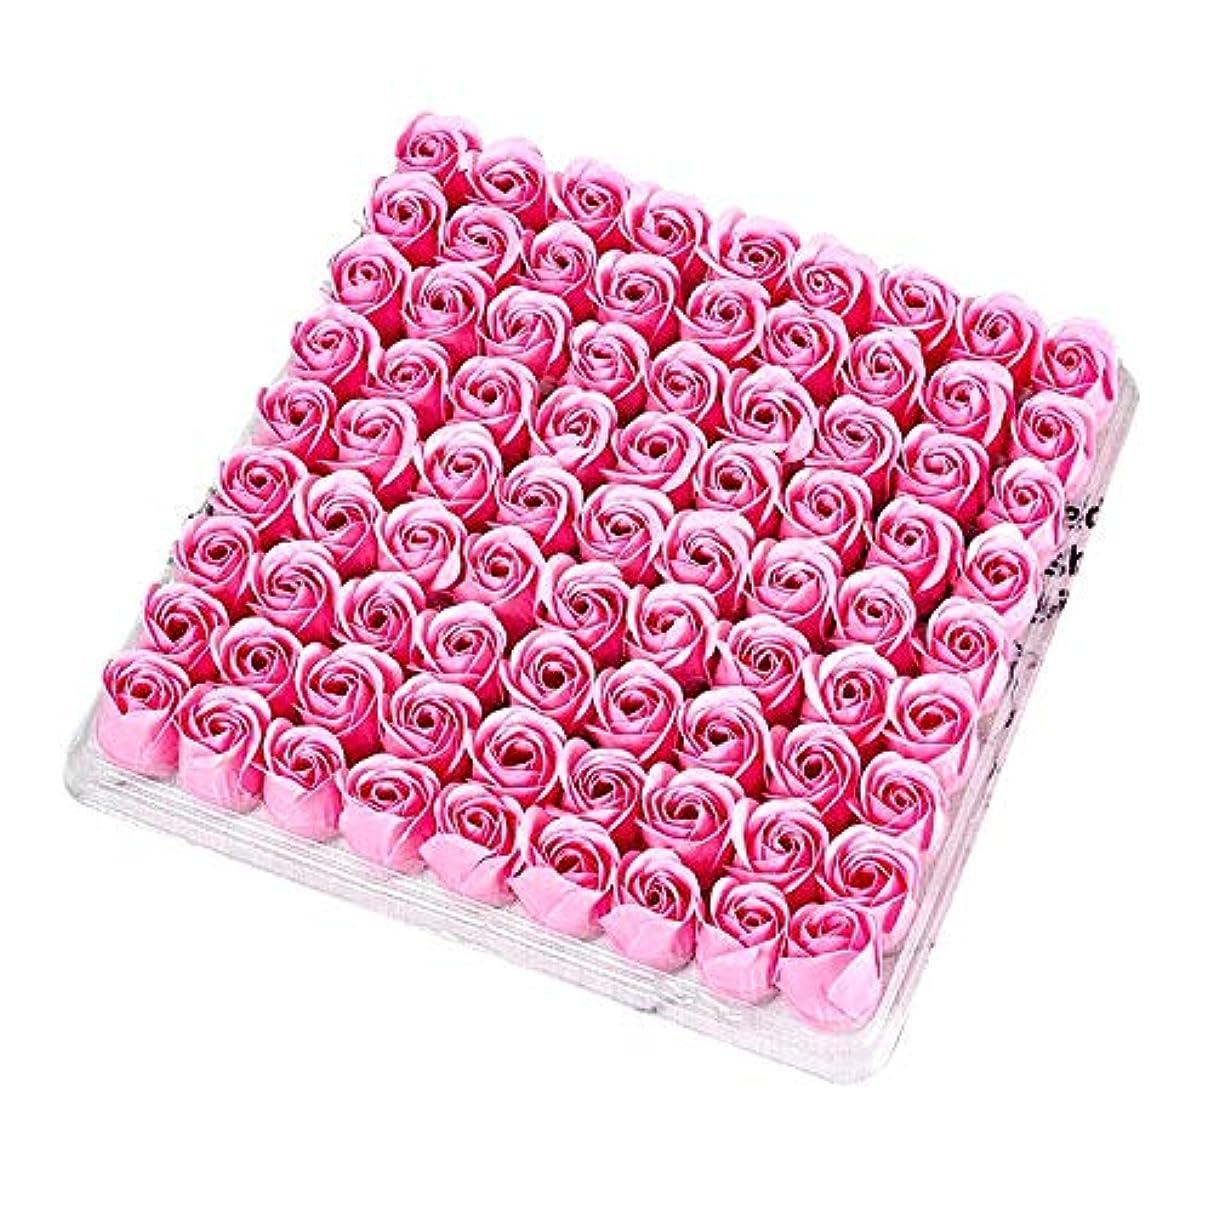 ユーモアエントリ忠実にACAMPTAR 81個の薔薇、バス ボディ フラワー?フローラルの石けん 香りのよいローズフラワー エッセンシャルオイル フローラルのお客様への石鹸 ウェディング、パーティー、バレンタインデーの贈り物、ピンク